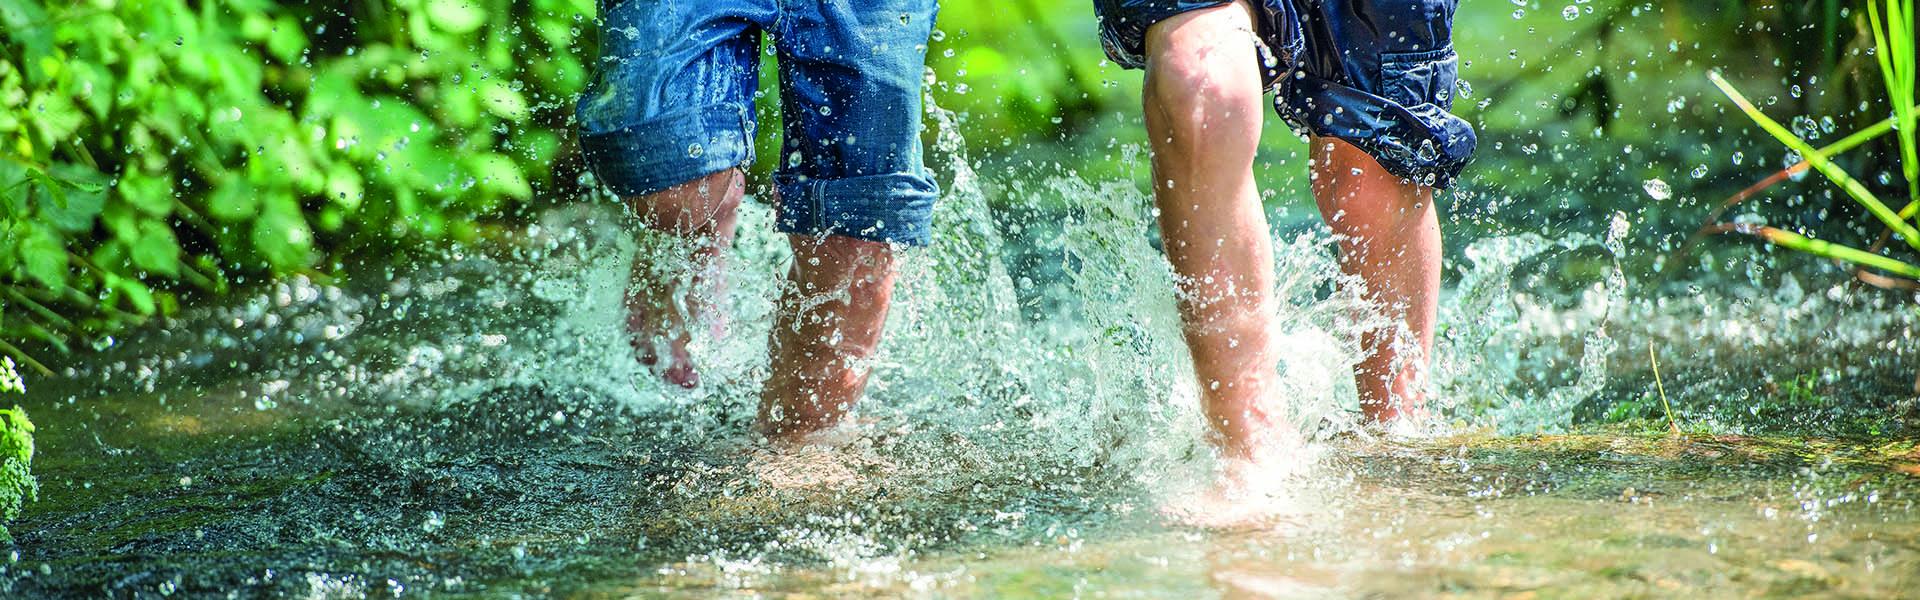 Kinder rennen durch klares Wasser eines Bachs.